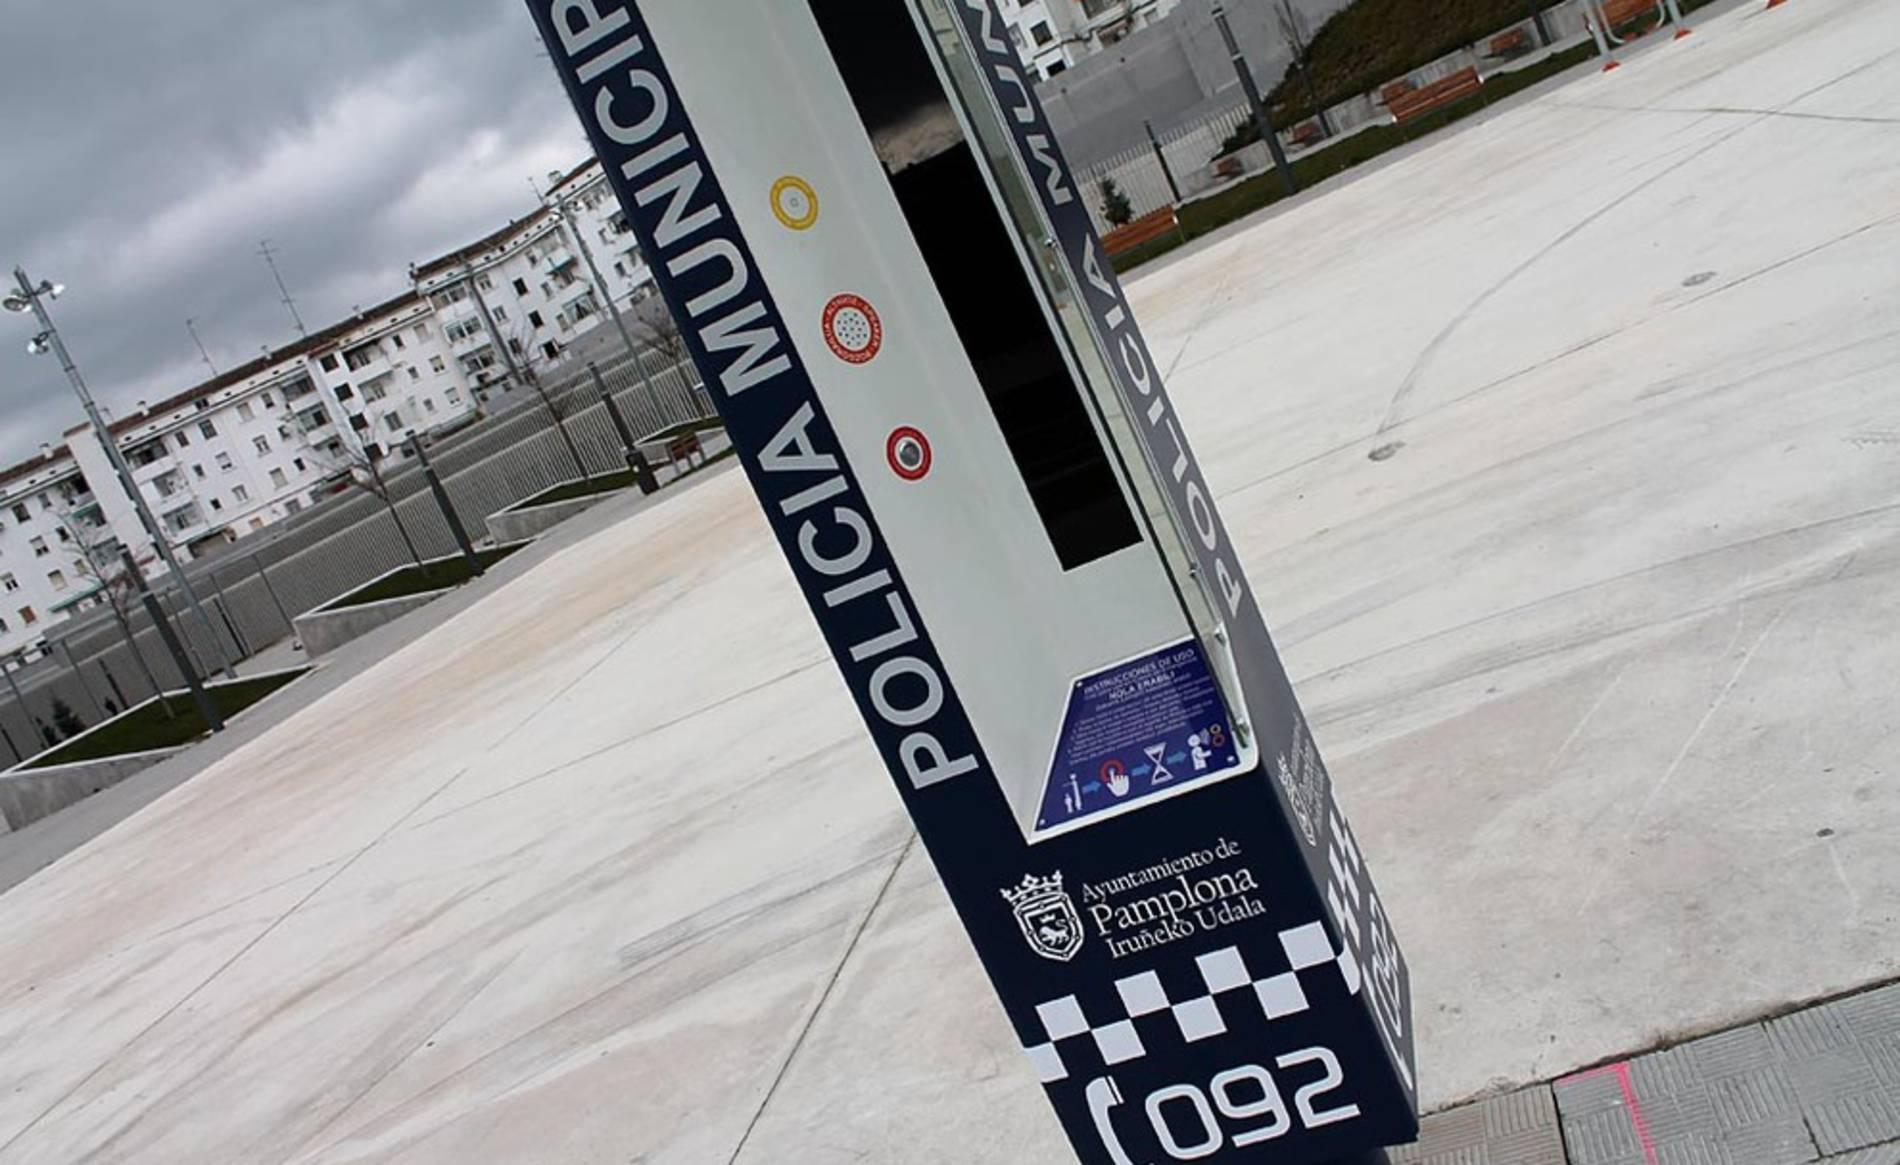 'Policía virtual' en la Milagrosa (1/4) - El Ayuntamiento de Pamplona ha puesto en marcha dos puestos de 'policía virtual' en la plaza Sanduzelai en el barrio de San Jorge y en la plaza Alfredo Floristán en el barrio de la Milagrosa. - Pamplona -